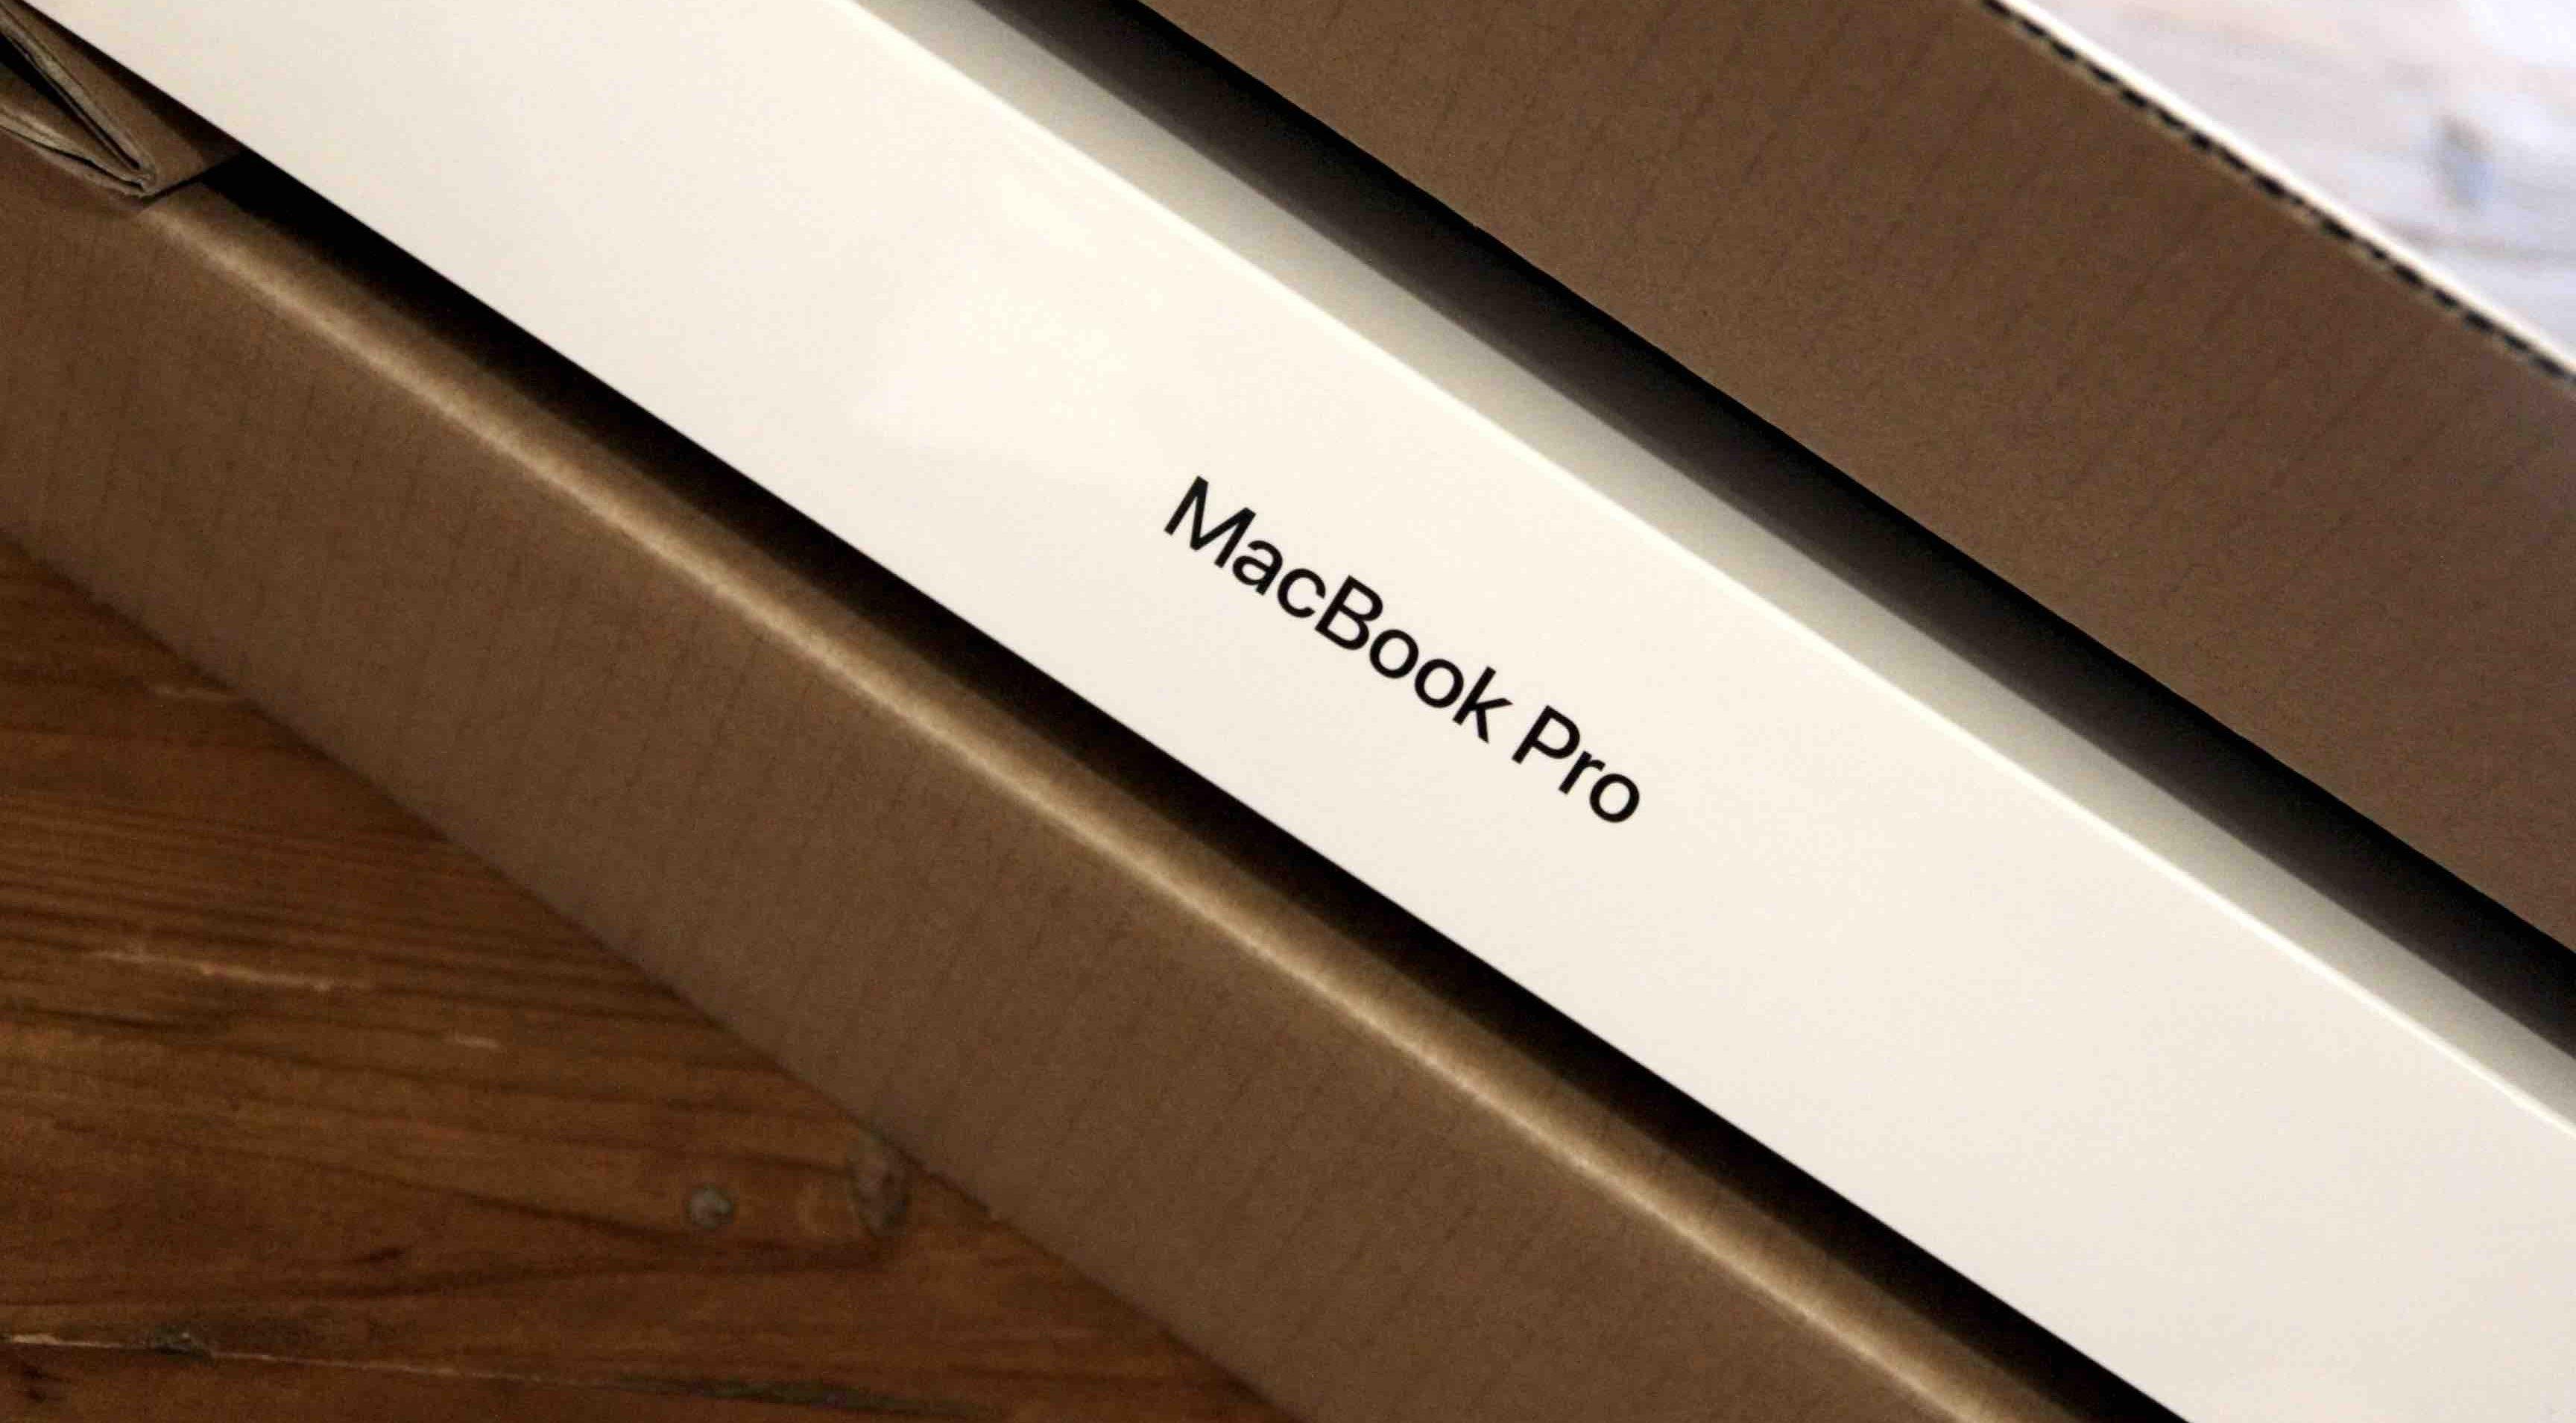 MacBook Pro パッケージ画像